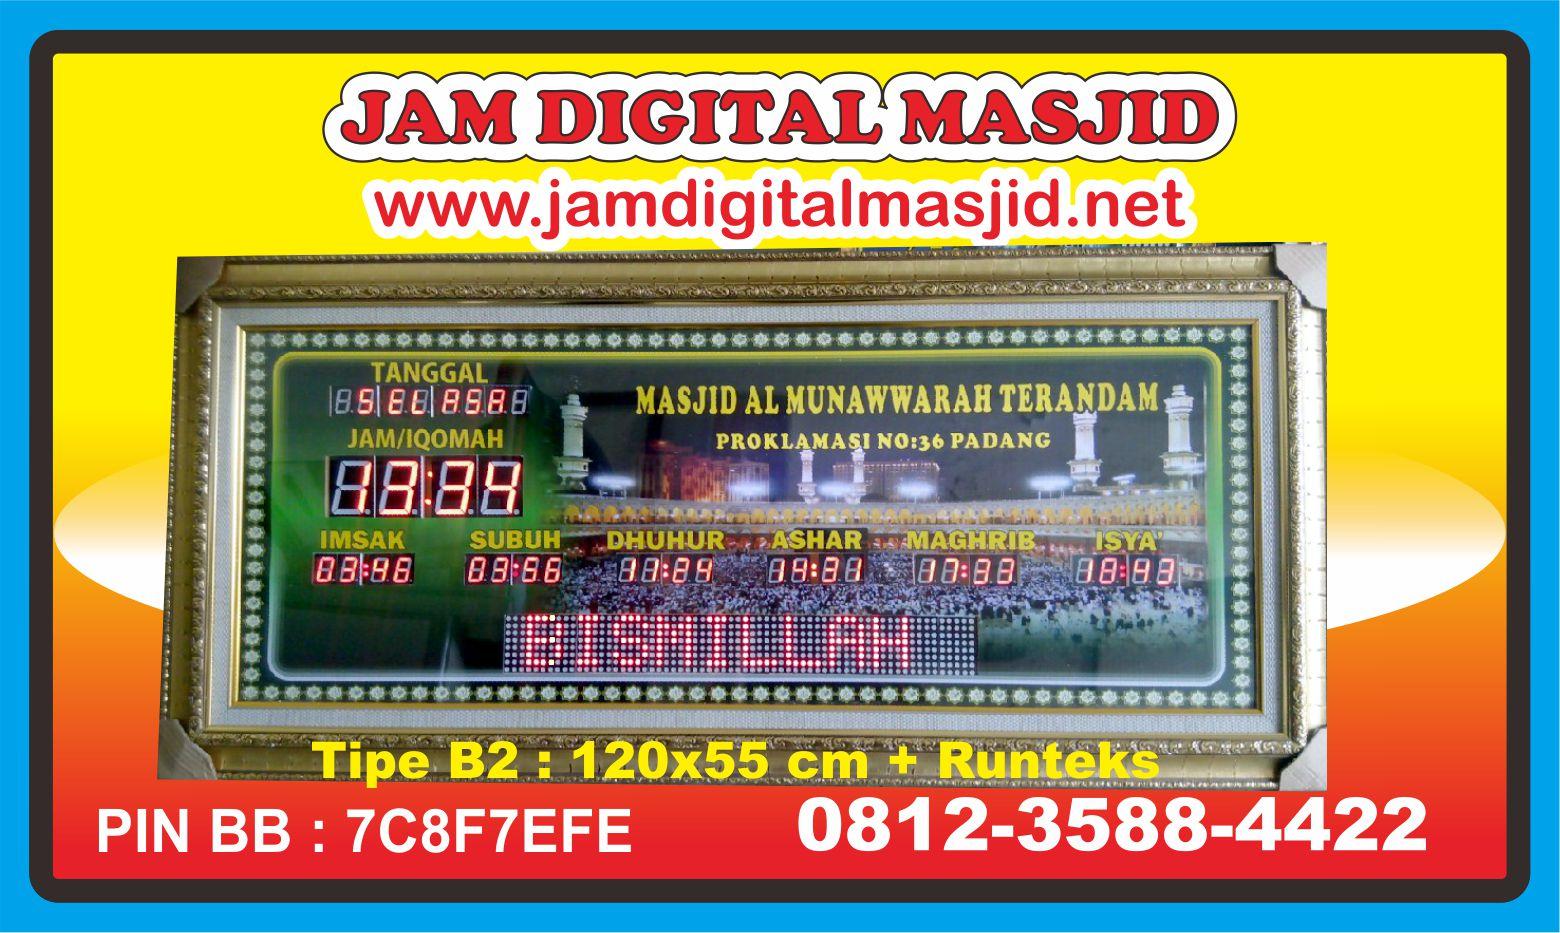 jam-digital-masjid-al-munawwarah-terandam-kota-medan